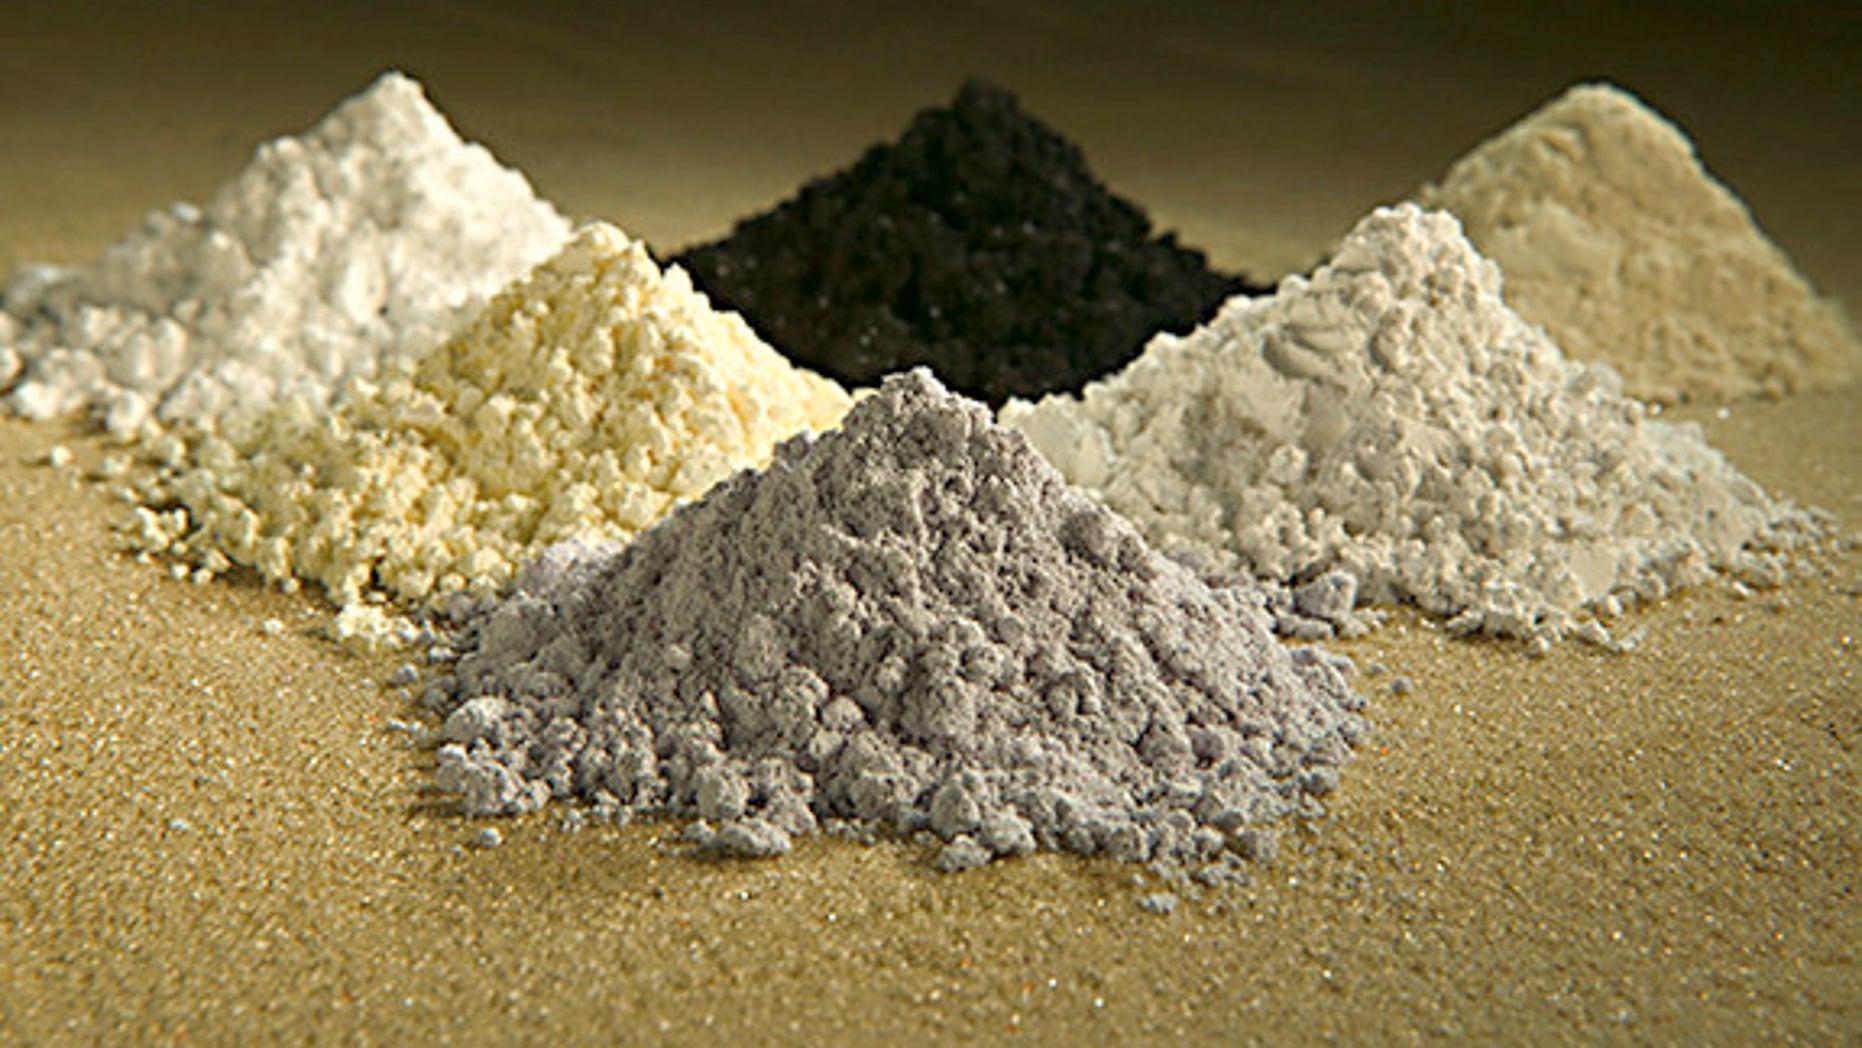 Rare Earths, clockwise from top center: praseodymium, cerium, lanthanum, neodymium, samarium and gadolinium.